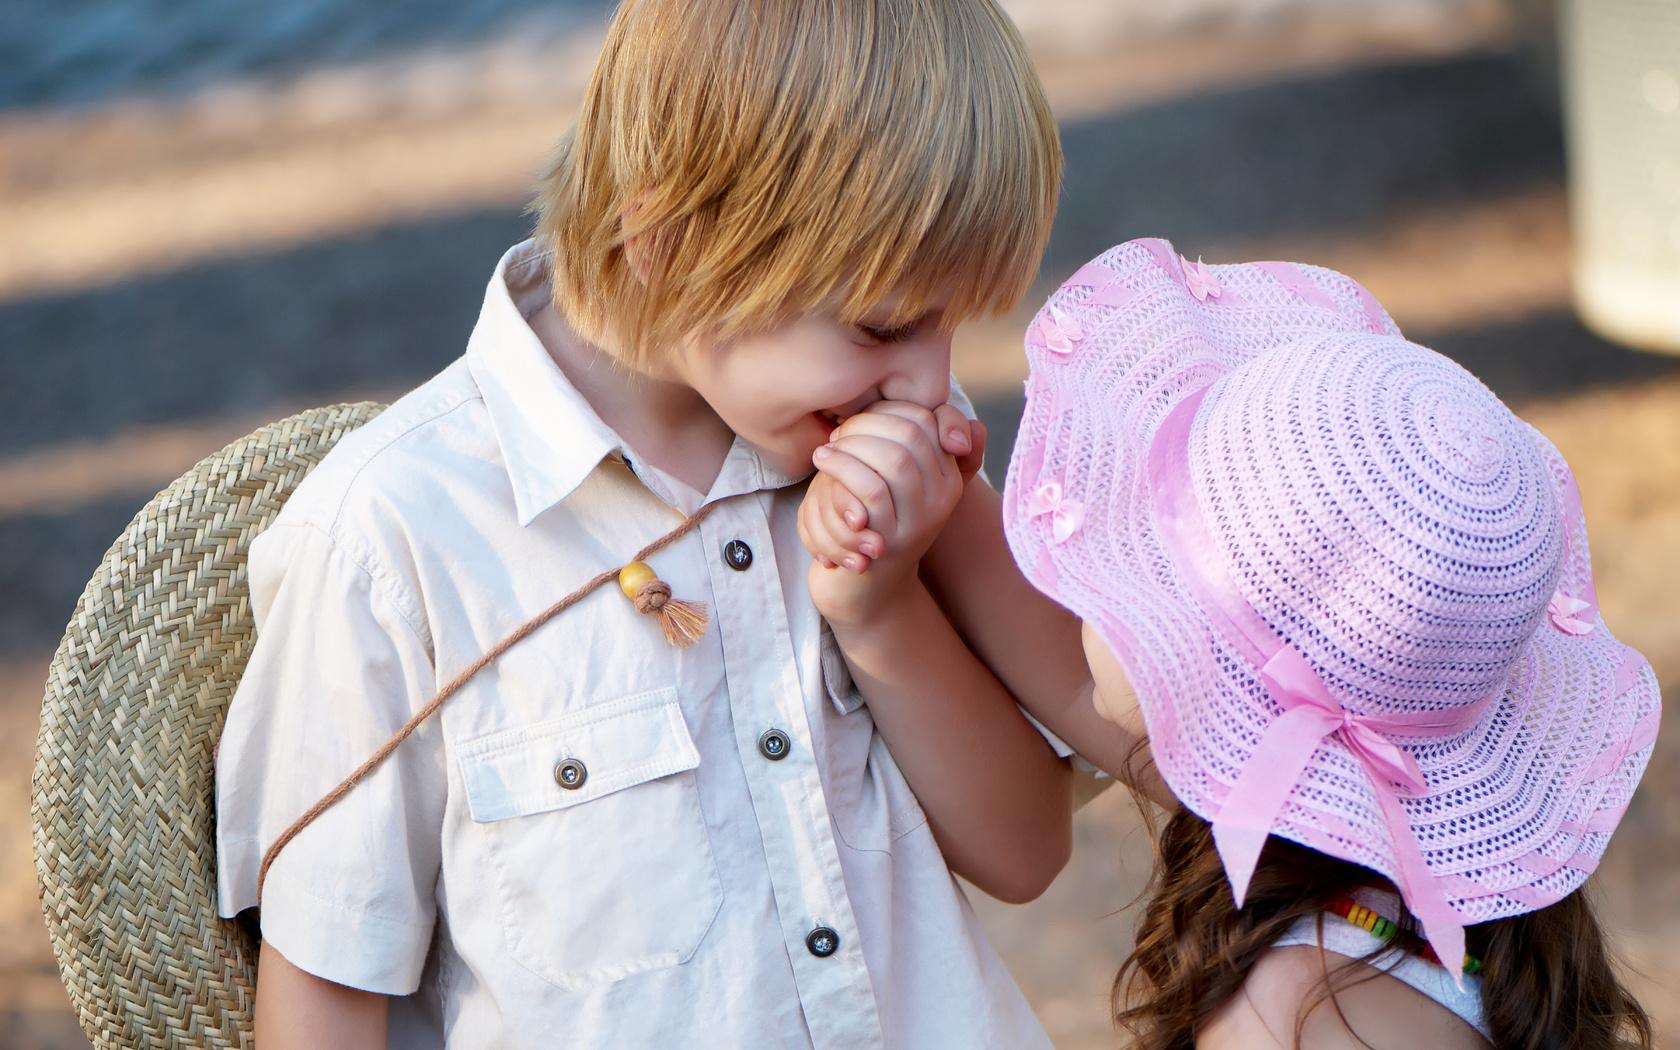 أحمد بكر يكتب : عيد الحب بين الامل واليأس والحب